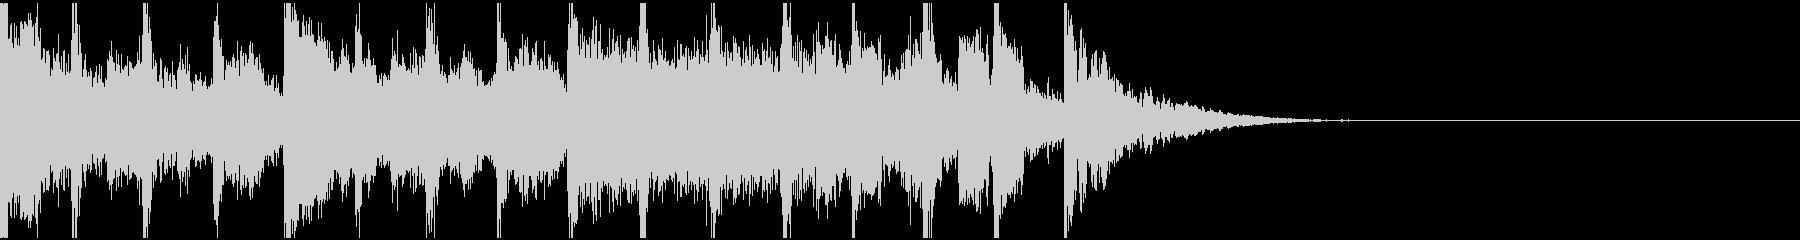 勢いのあるタイトル画面のジングルの未再生の波形